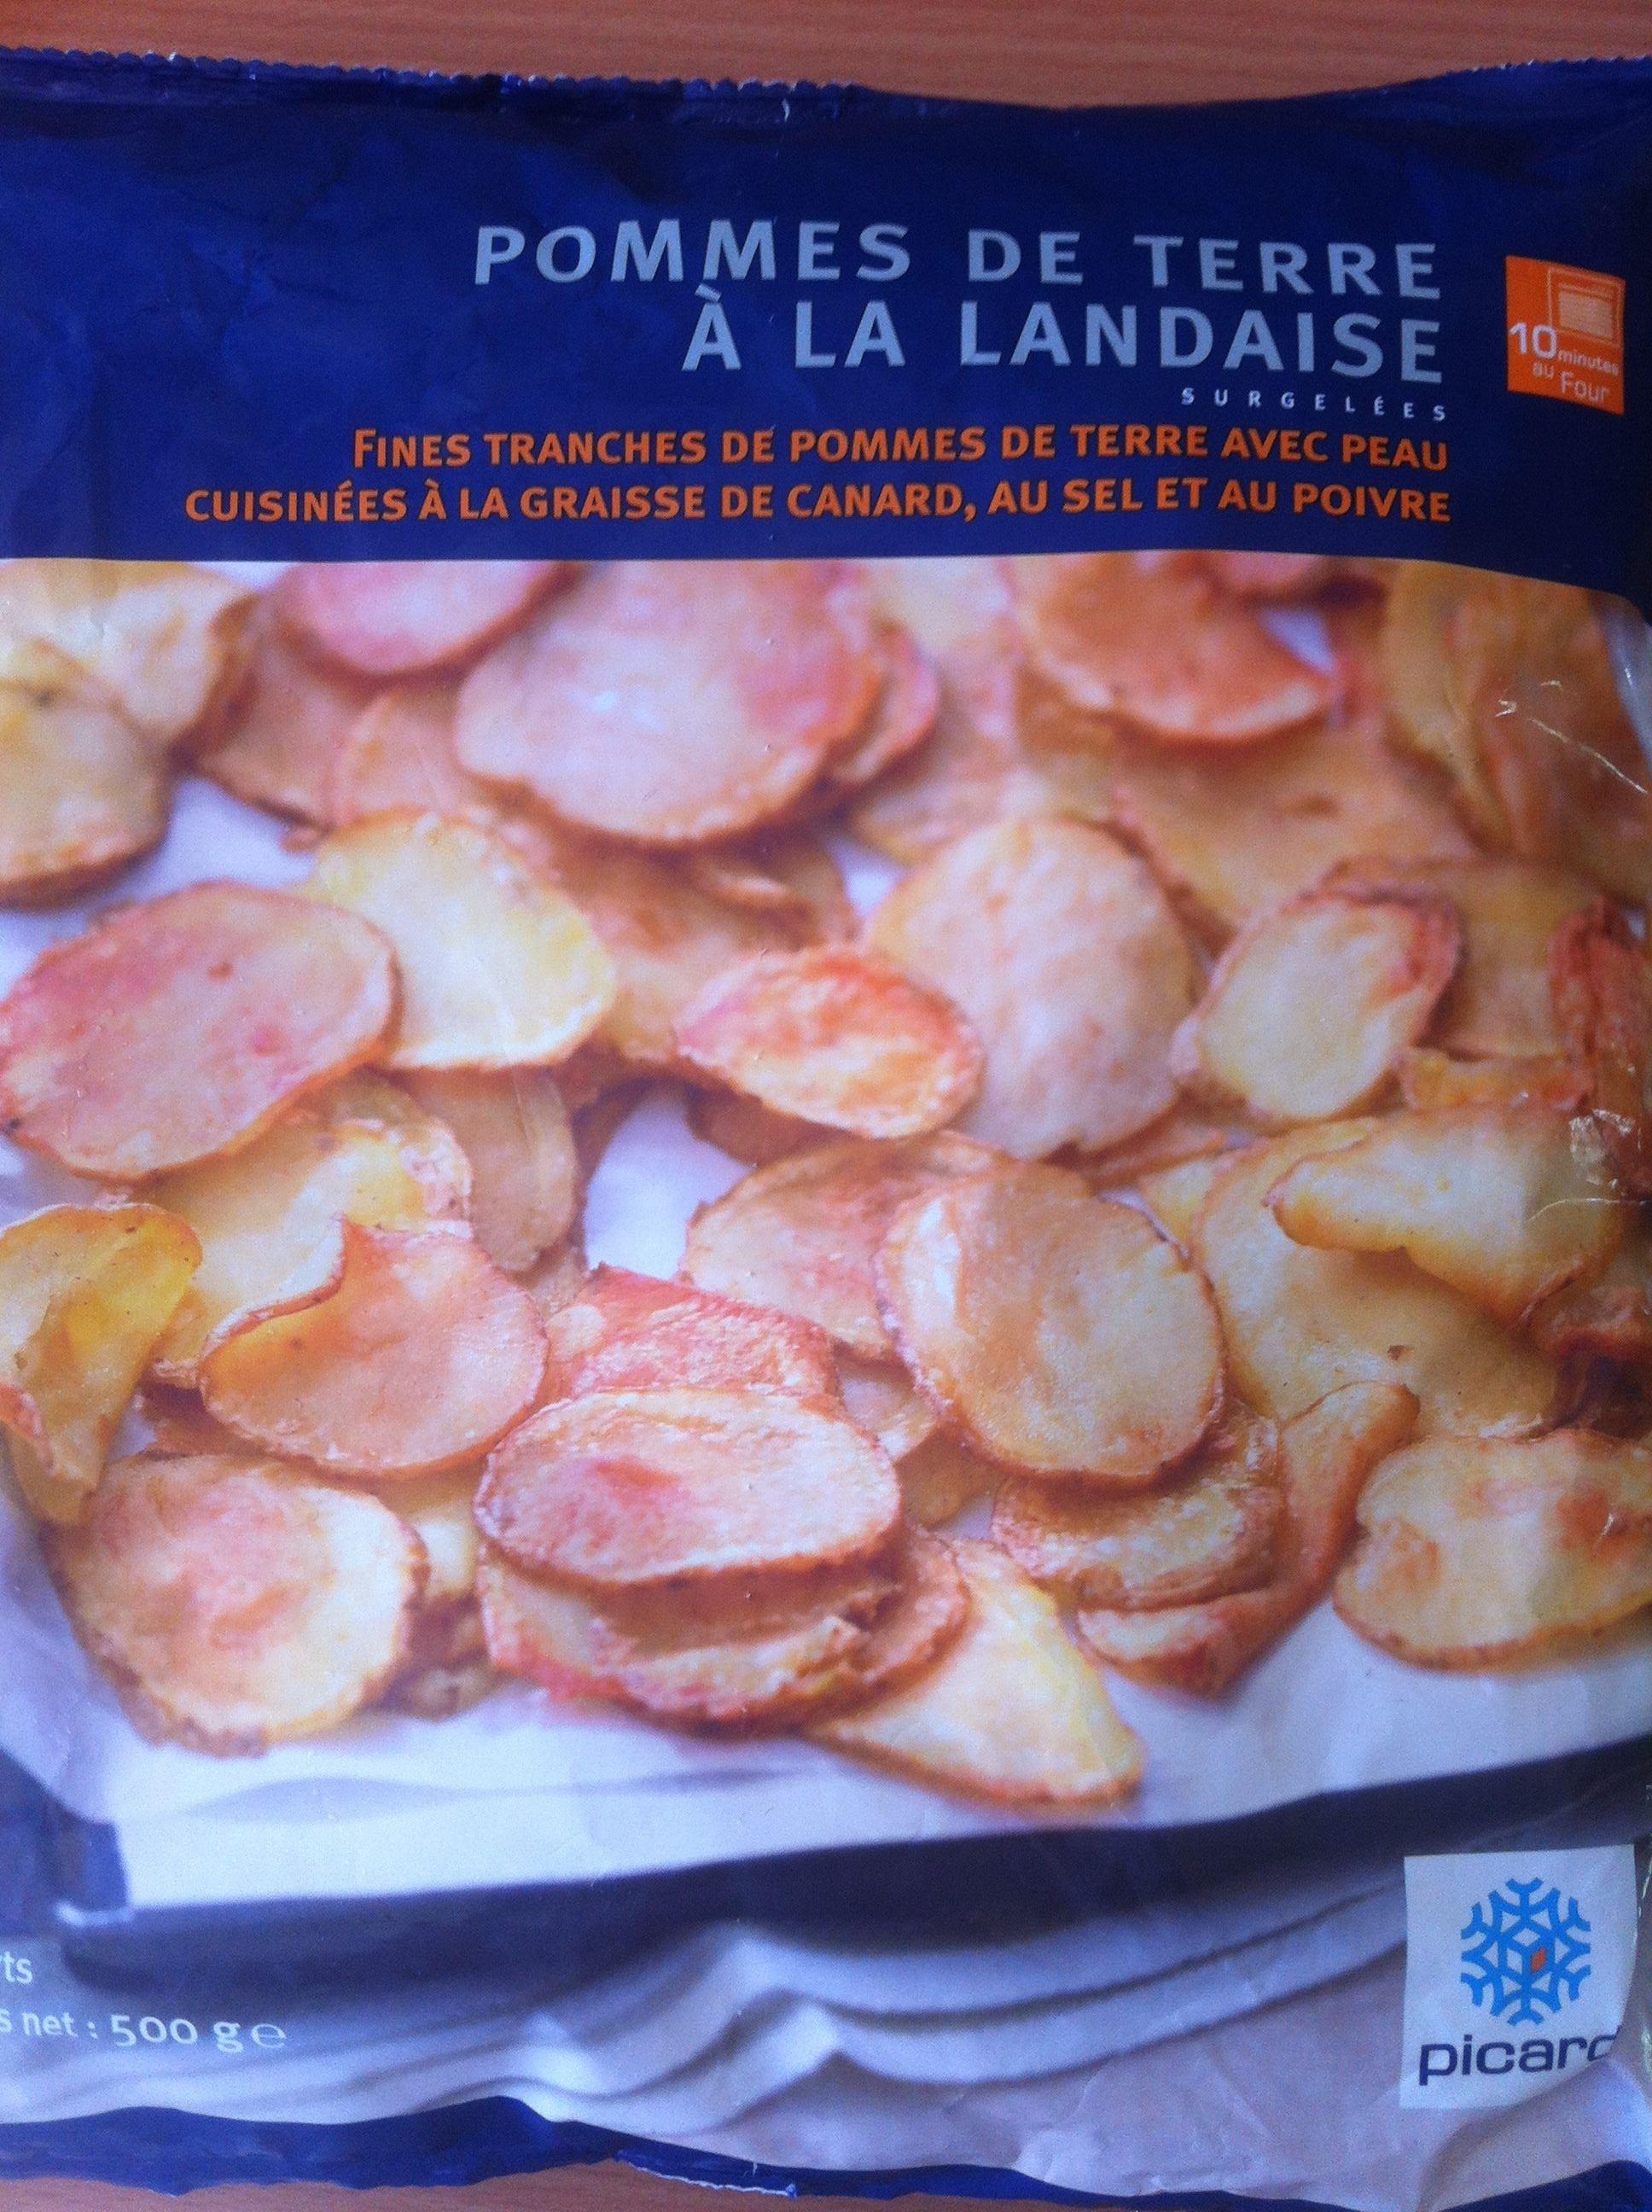 Pommes de terre à la landaise - Product